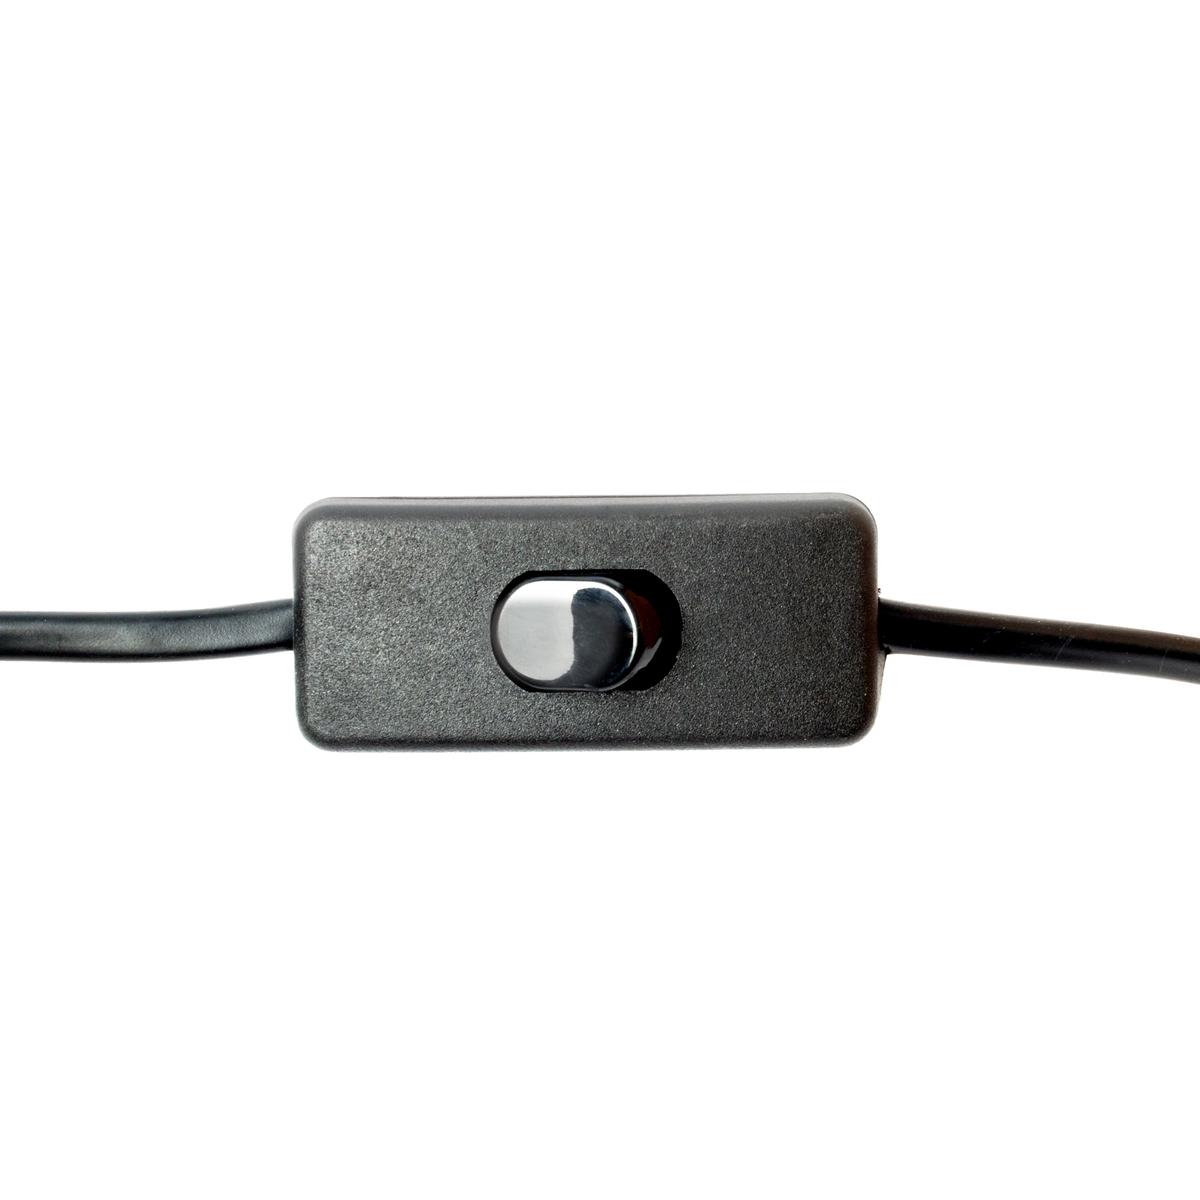 leselampe tischleuchte tischlampe leseleuchte nachttischlampe leuchte wei ebay. Black Bedroom Furniture Sets. Home Design Ideas